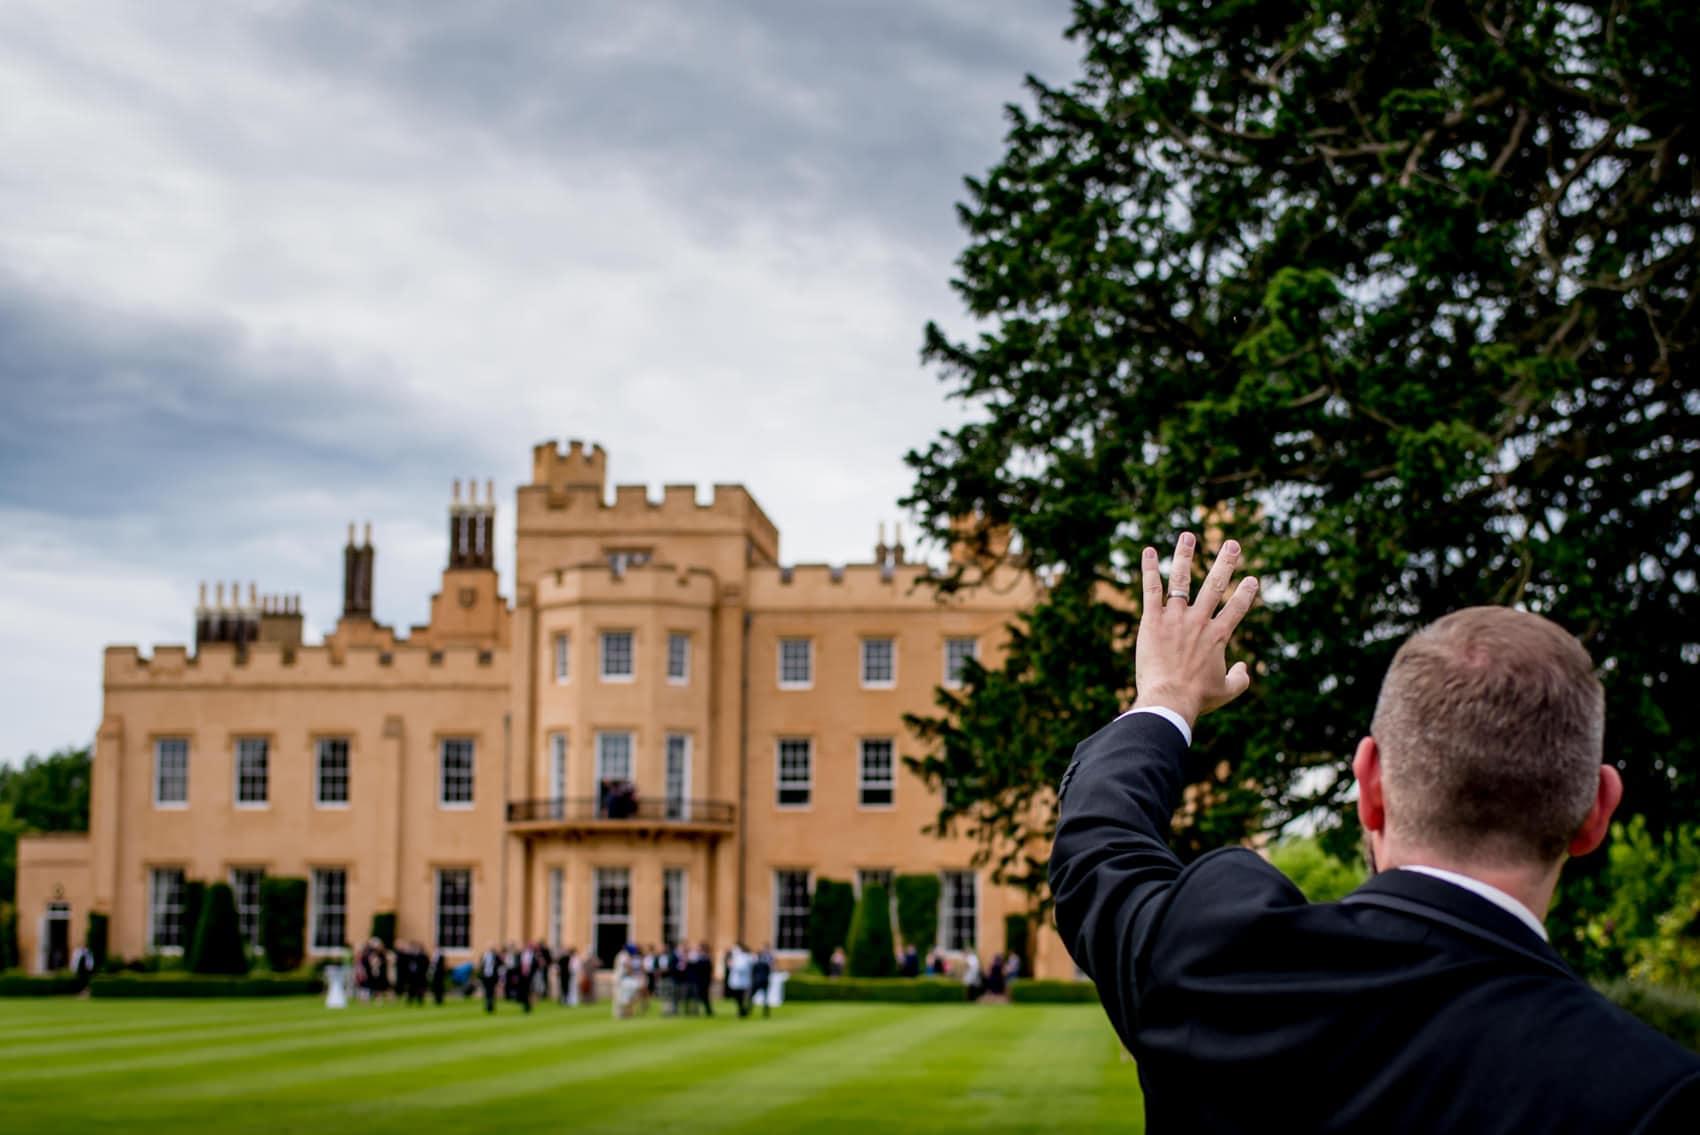 Groom waving at his wedding guests at Ditton Park